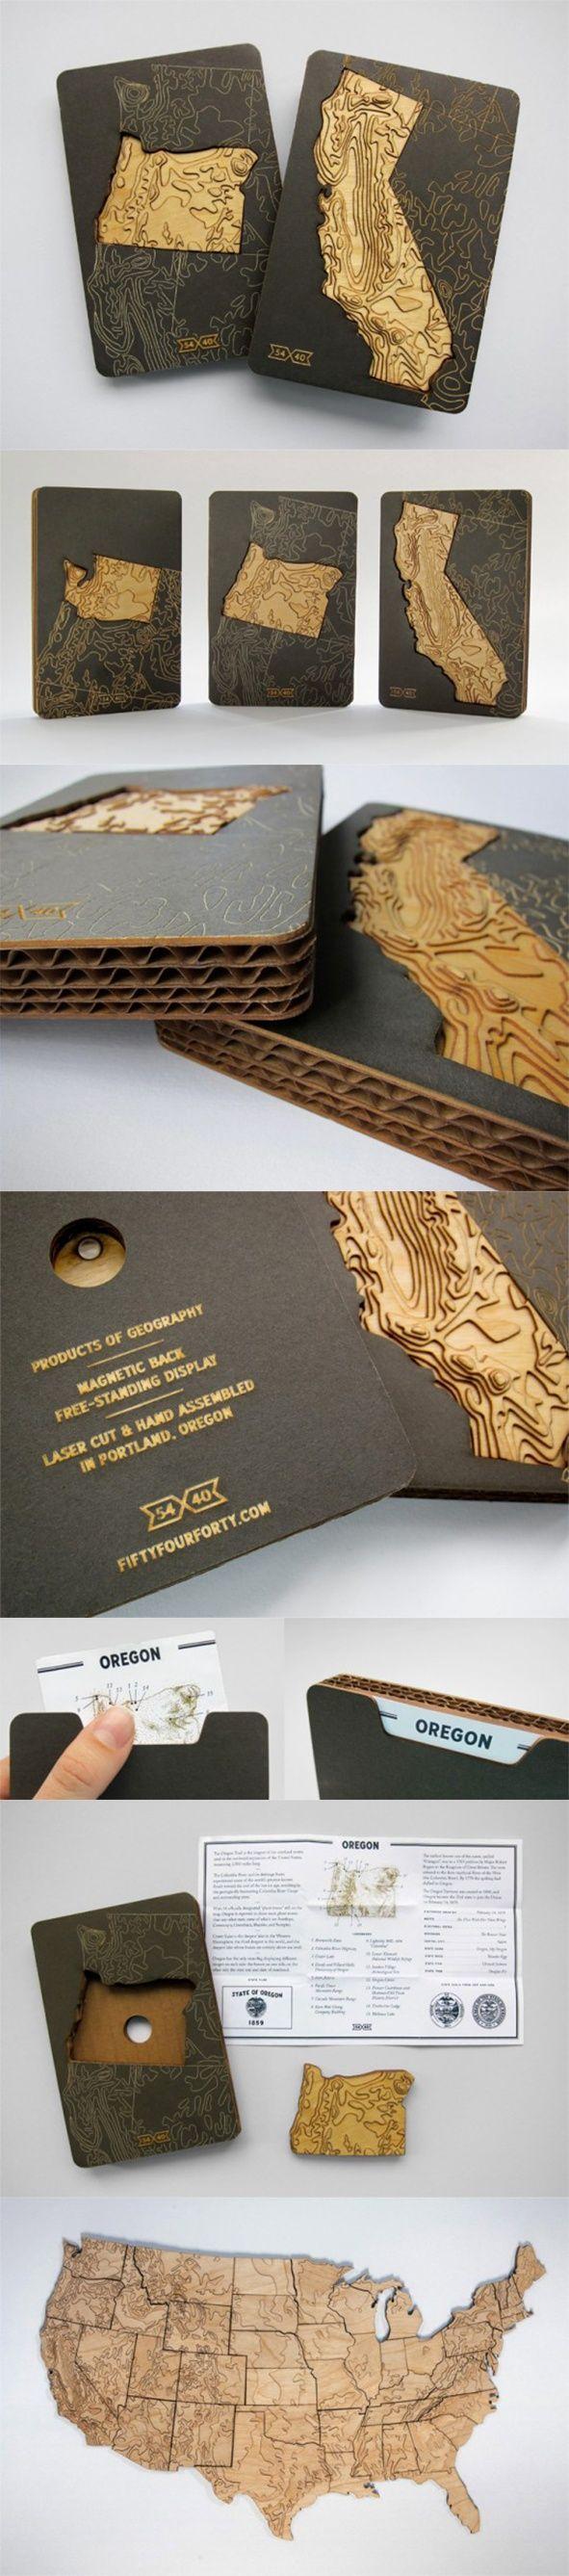 USA Wood concepts prints